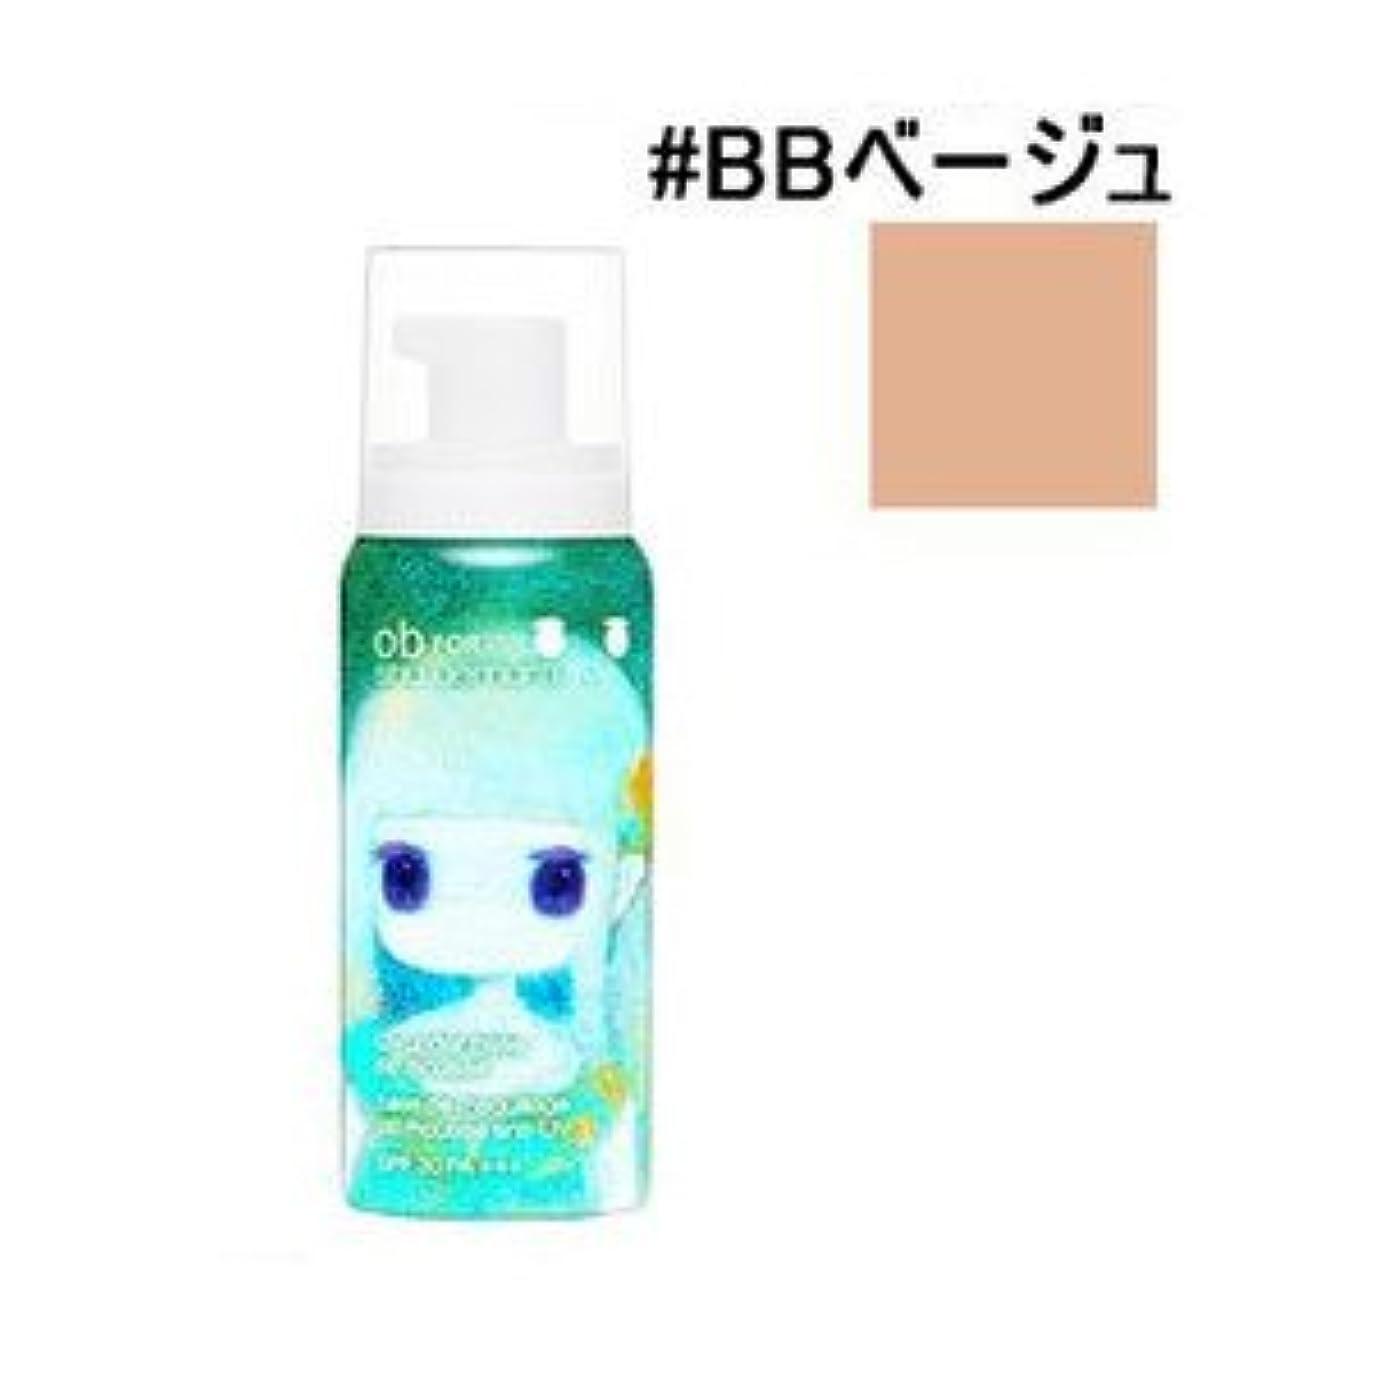 ガード病高層ビルshu uemura シュウ ウエムラ<br>UV アンダー ベース ムース #BB beige<br>SPF 30 ? PA+++<br>65g [並行輸入品]